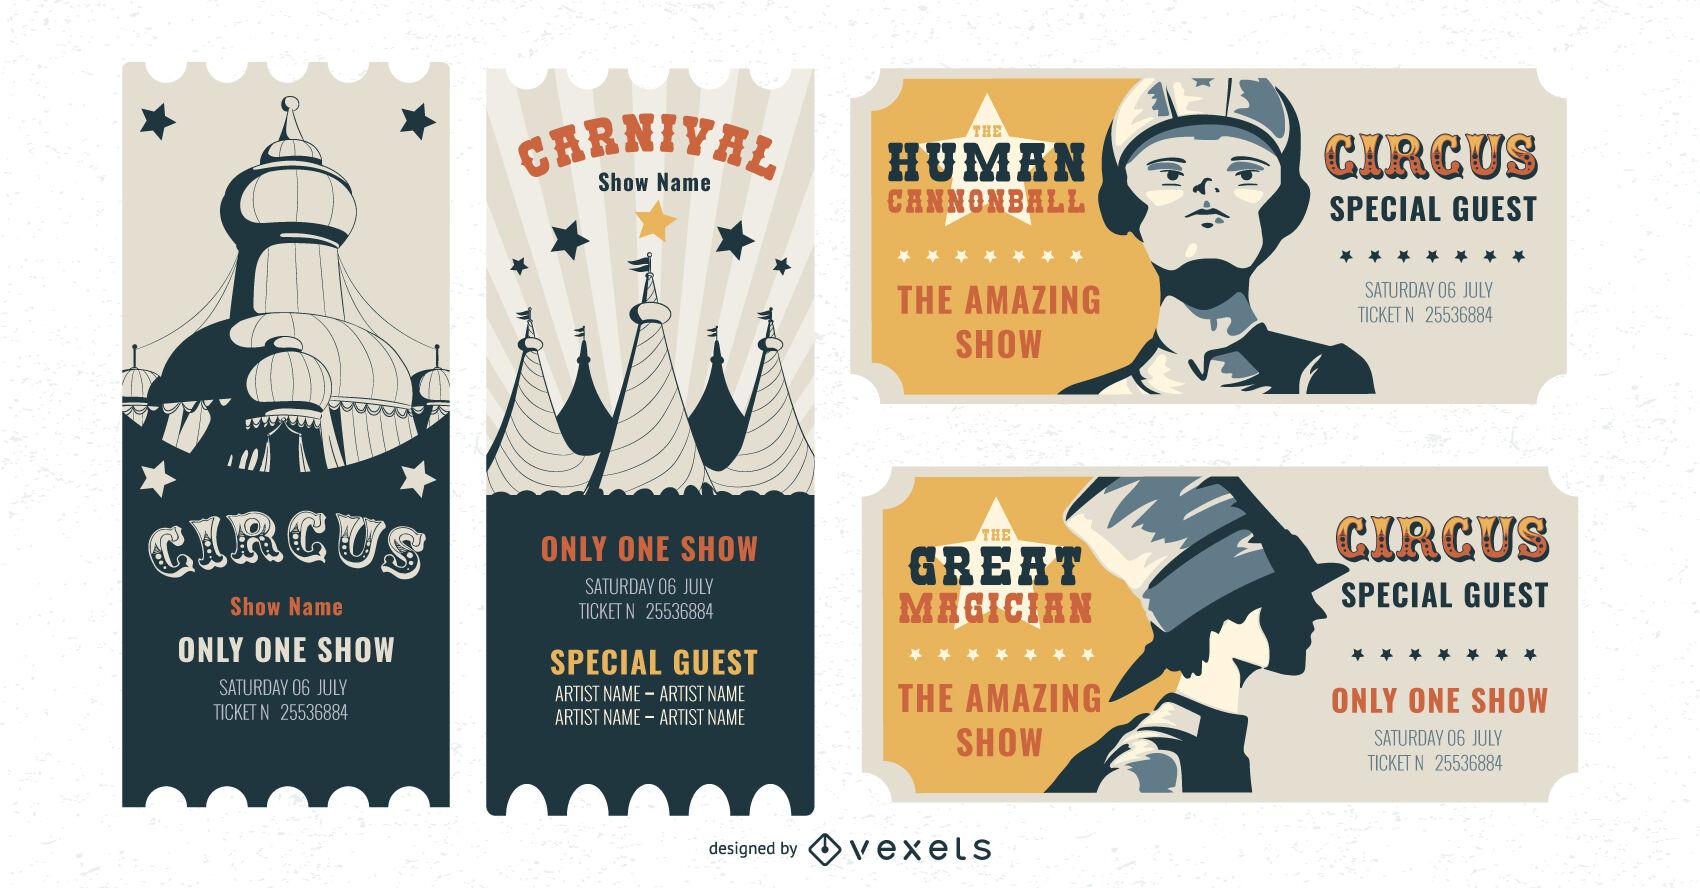 Pacote de Design de Ingressos de Circo